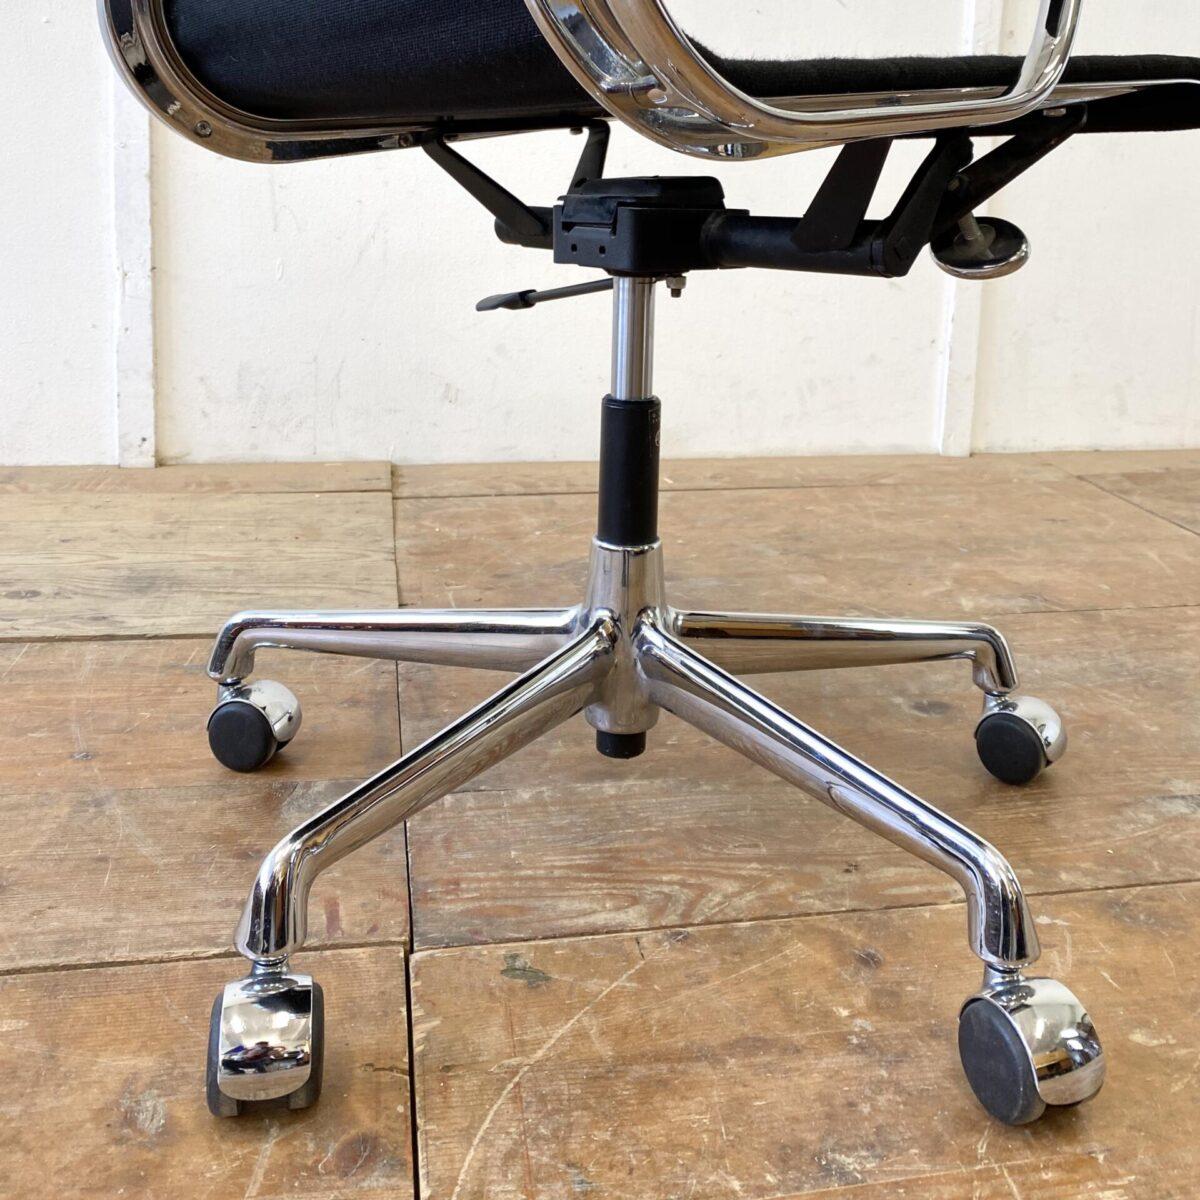 Deuxieme.shop Eames Alu Chair 60er Jahre designklassiker. Aluminium Chair EA 117 von Ray und Charles Eames. Der von Vitra produzierte Bürostuhl ist auf Rollen, höhenverstellbar, neigbar und drehbar. Der schwarze Hopsak Bezug ist in gepflegtem guten Zustand, minimale Abnutzung an den Ecken der Rückenlehne. Die verchromten Metall Elemente sind teilweise leicht beschlagen.